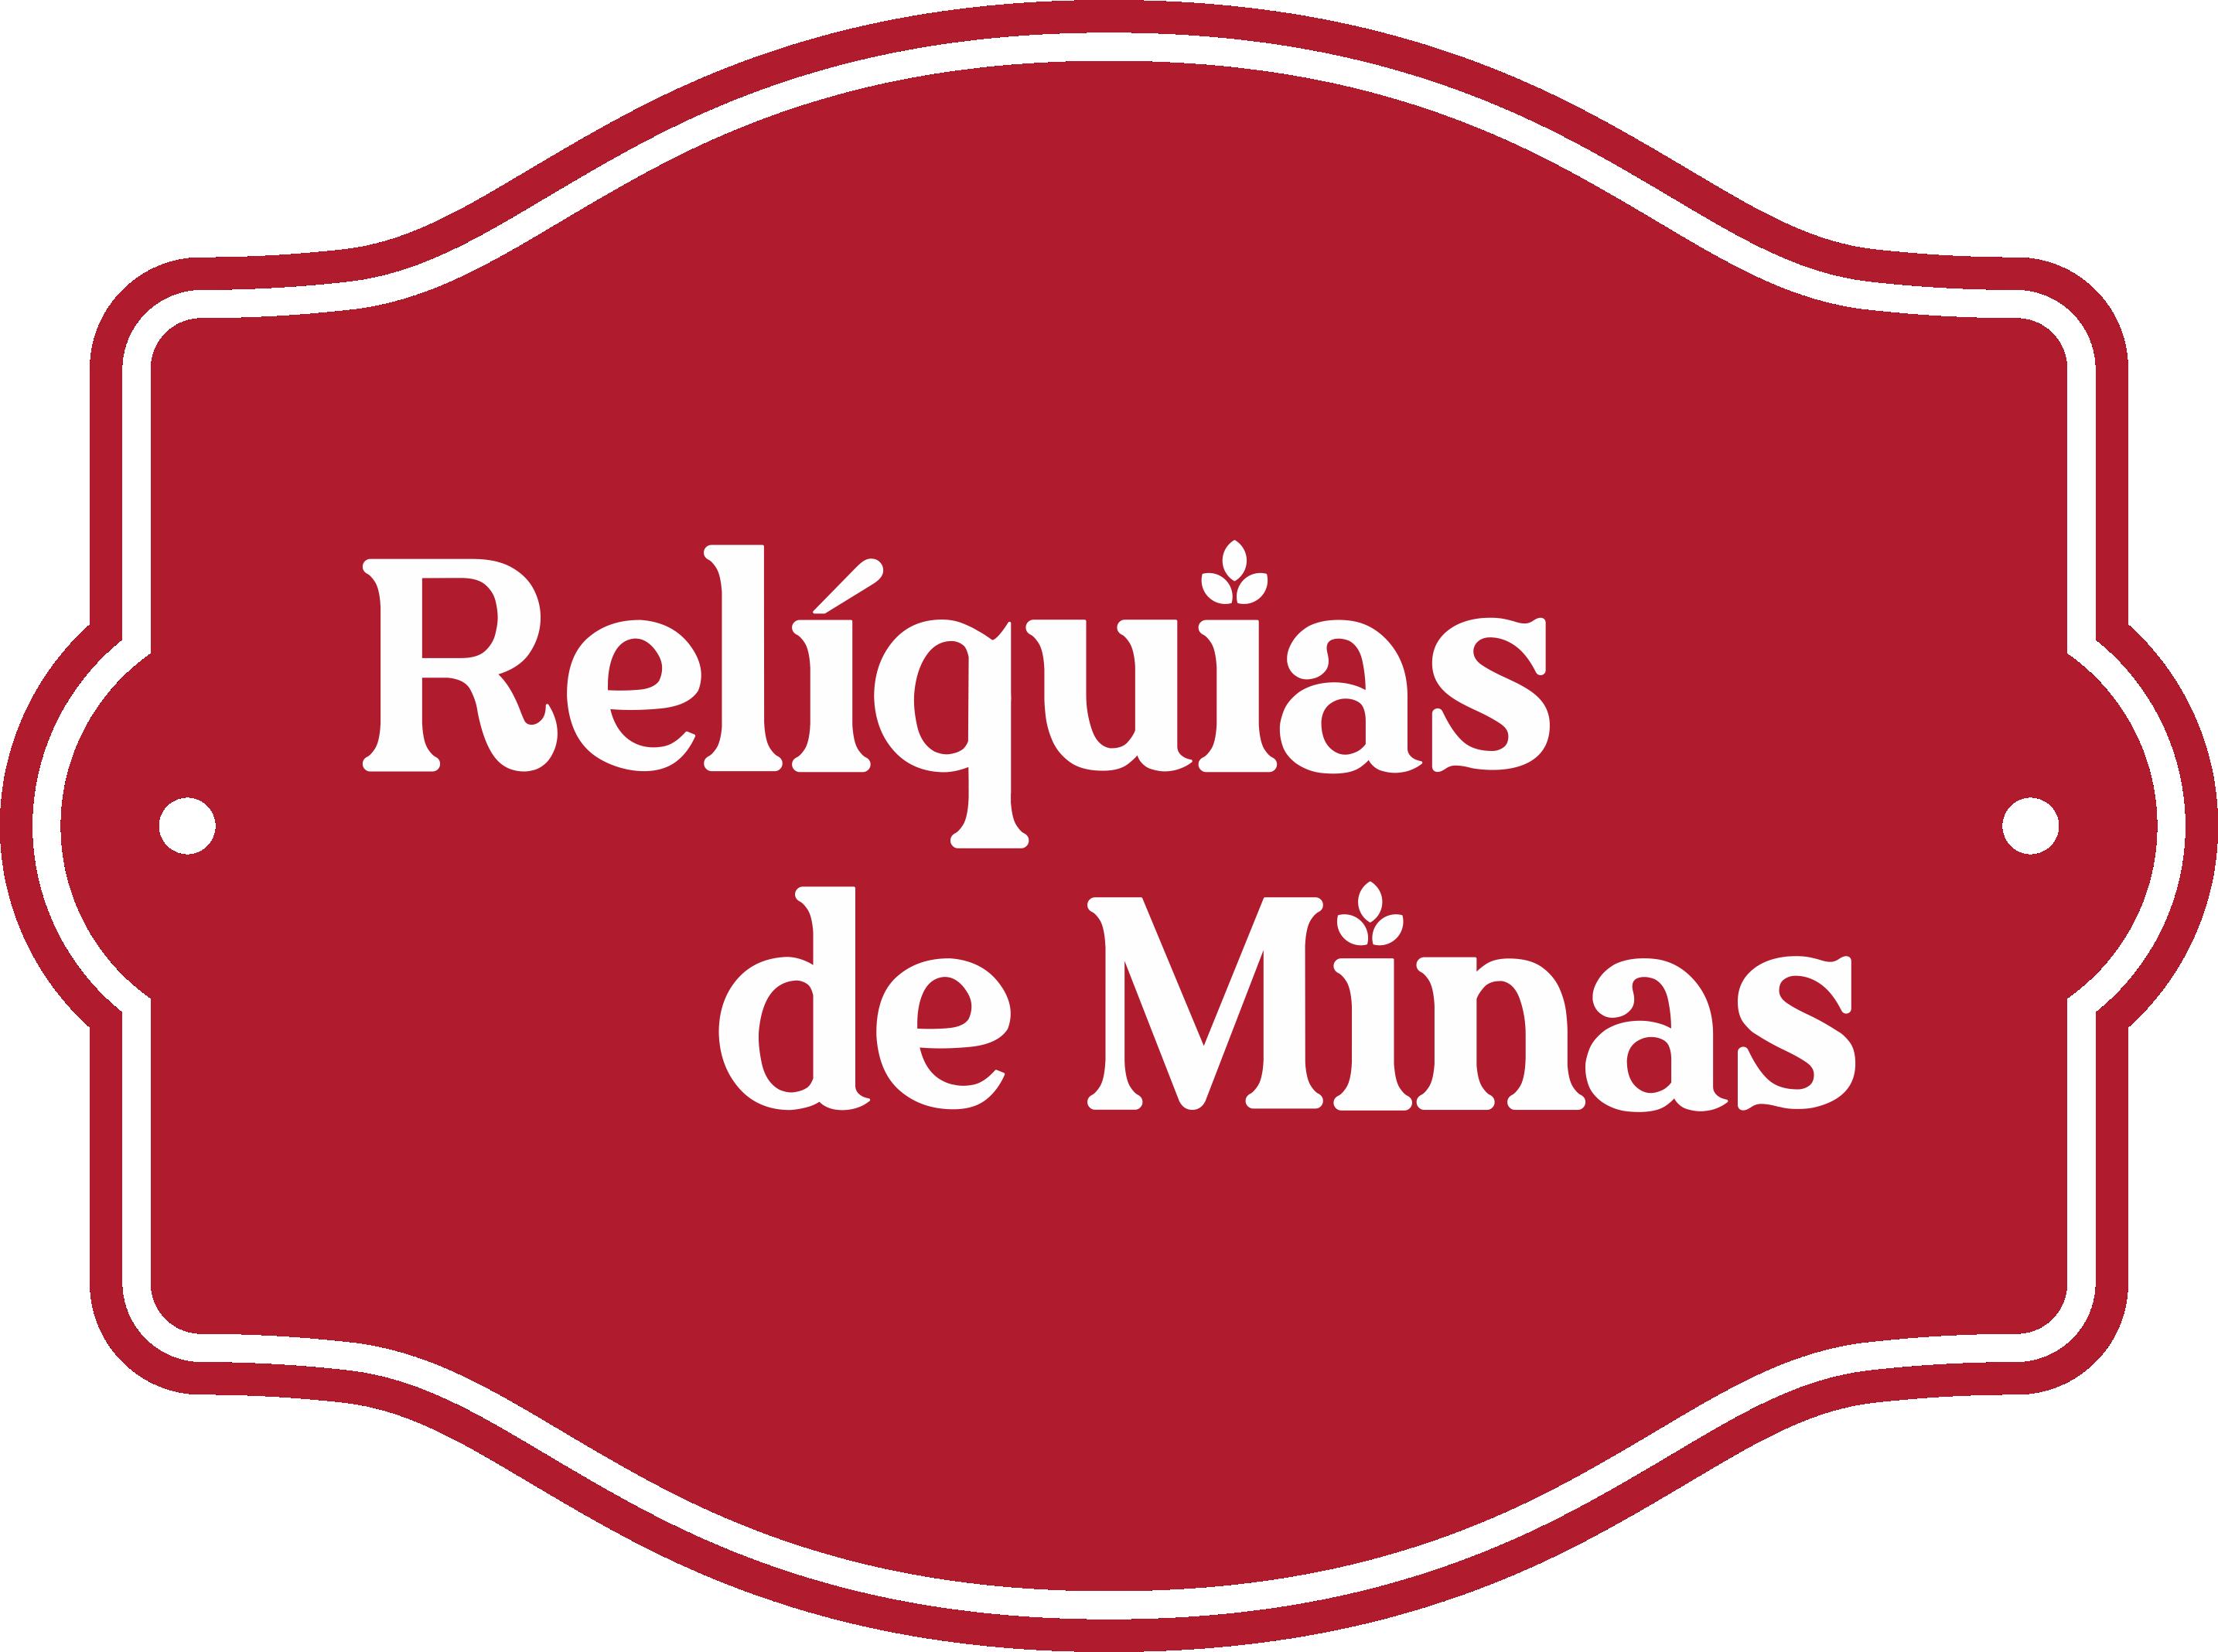 Relíquias de Minas